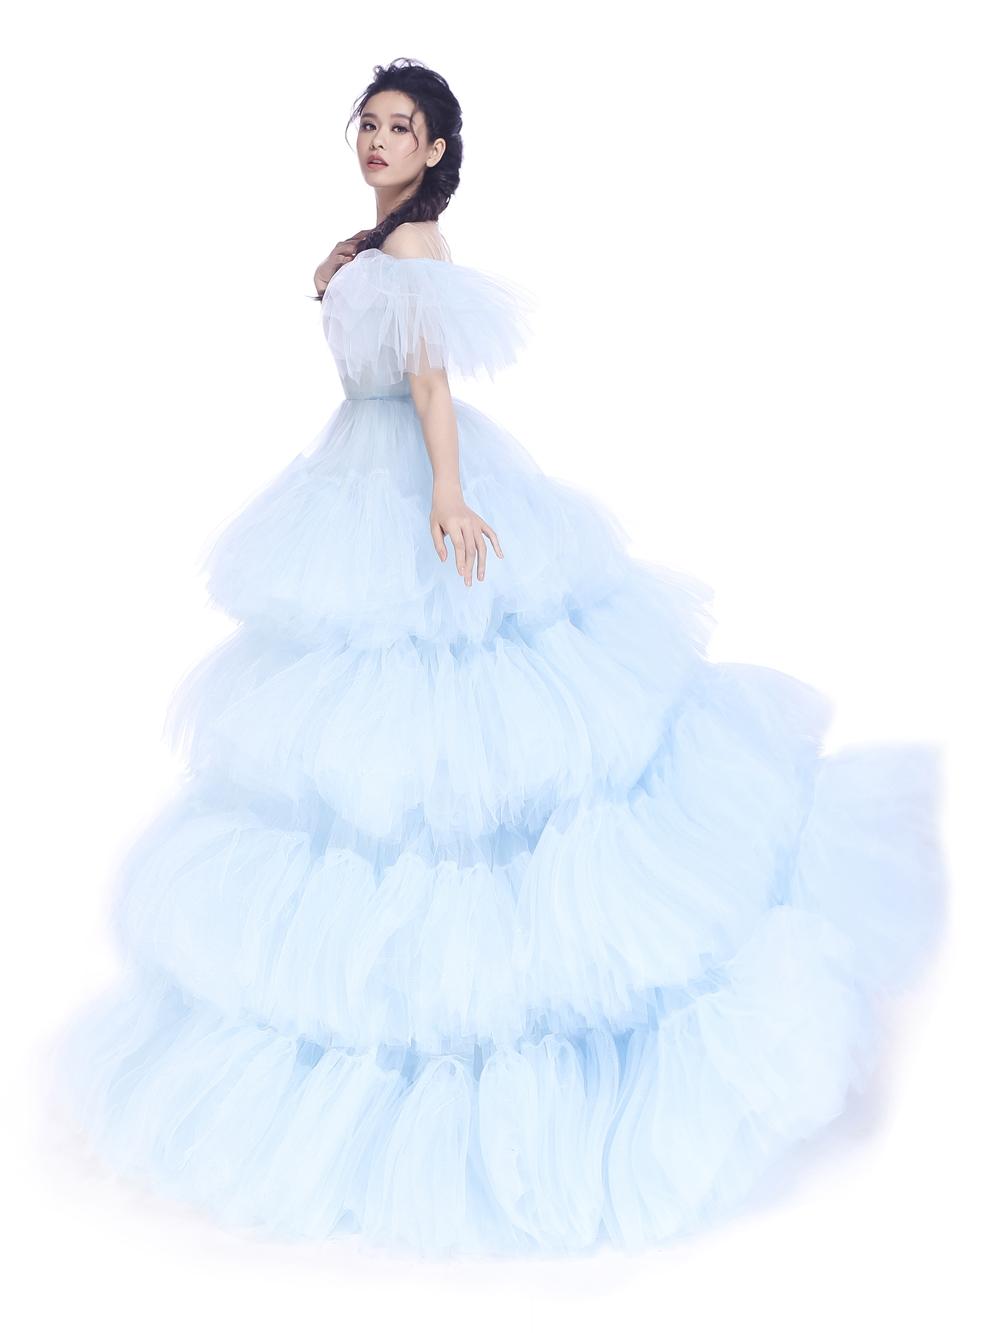 Trương Quỳnh Anh hóa thân thành nữ hoàng băng giá Elsa trong bộ phim nguyên mẫu do Disney phát hành từ năm 2013.